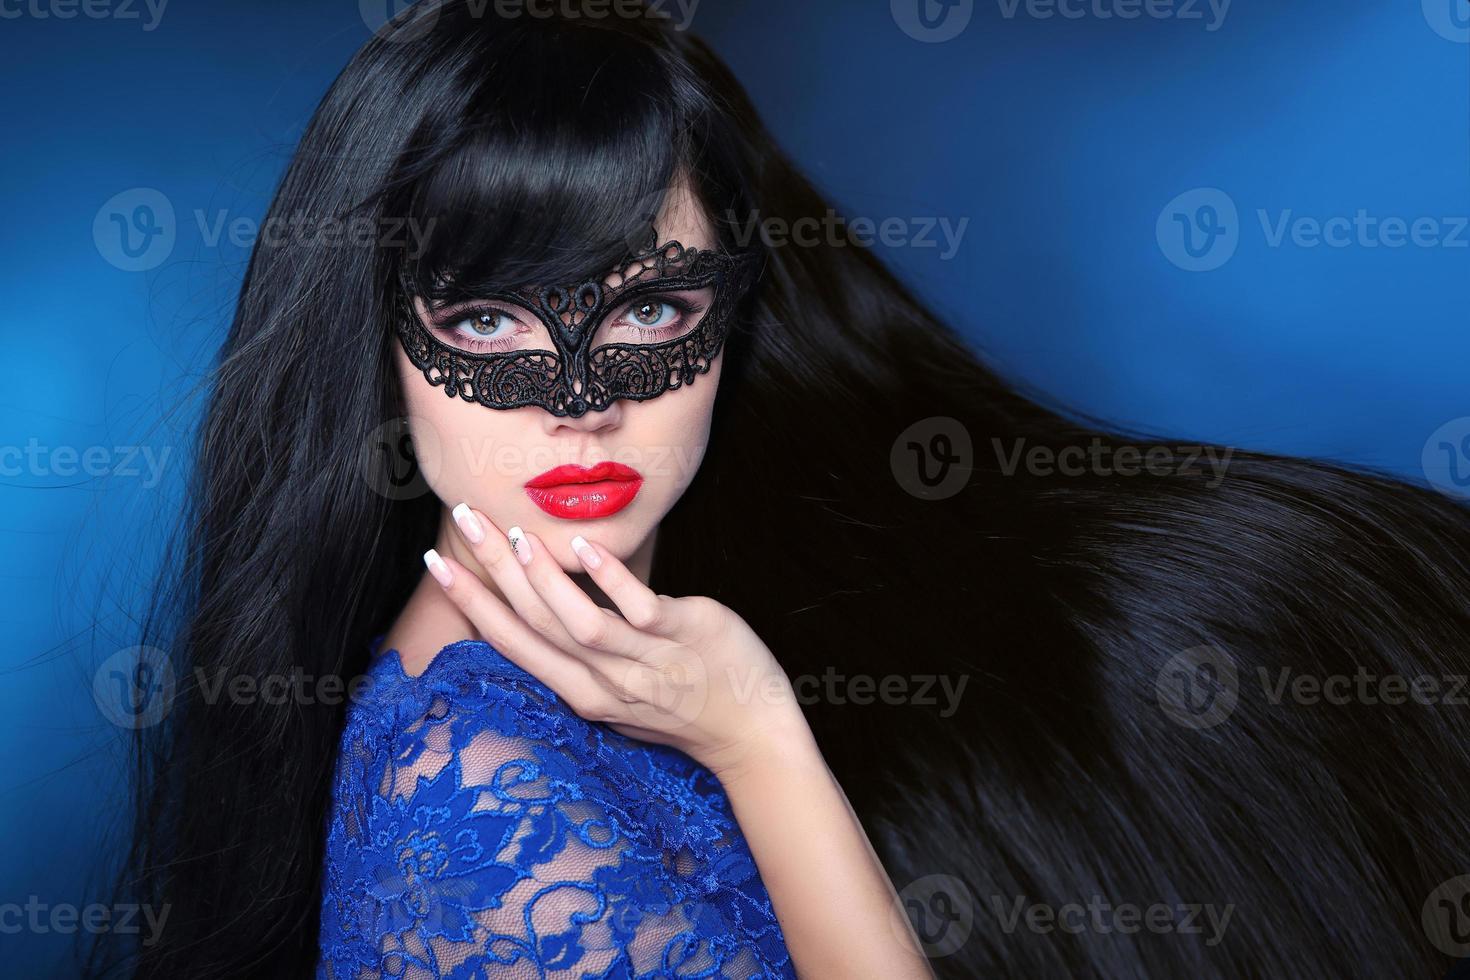 vackert friskt hår. skönhet kvinna i mask med lyxiga foto